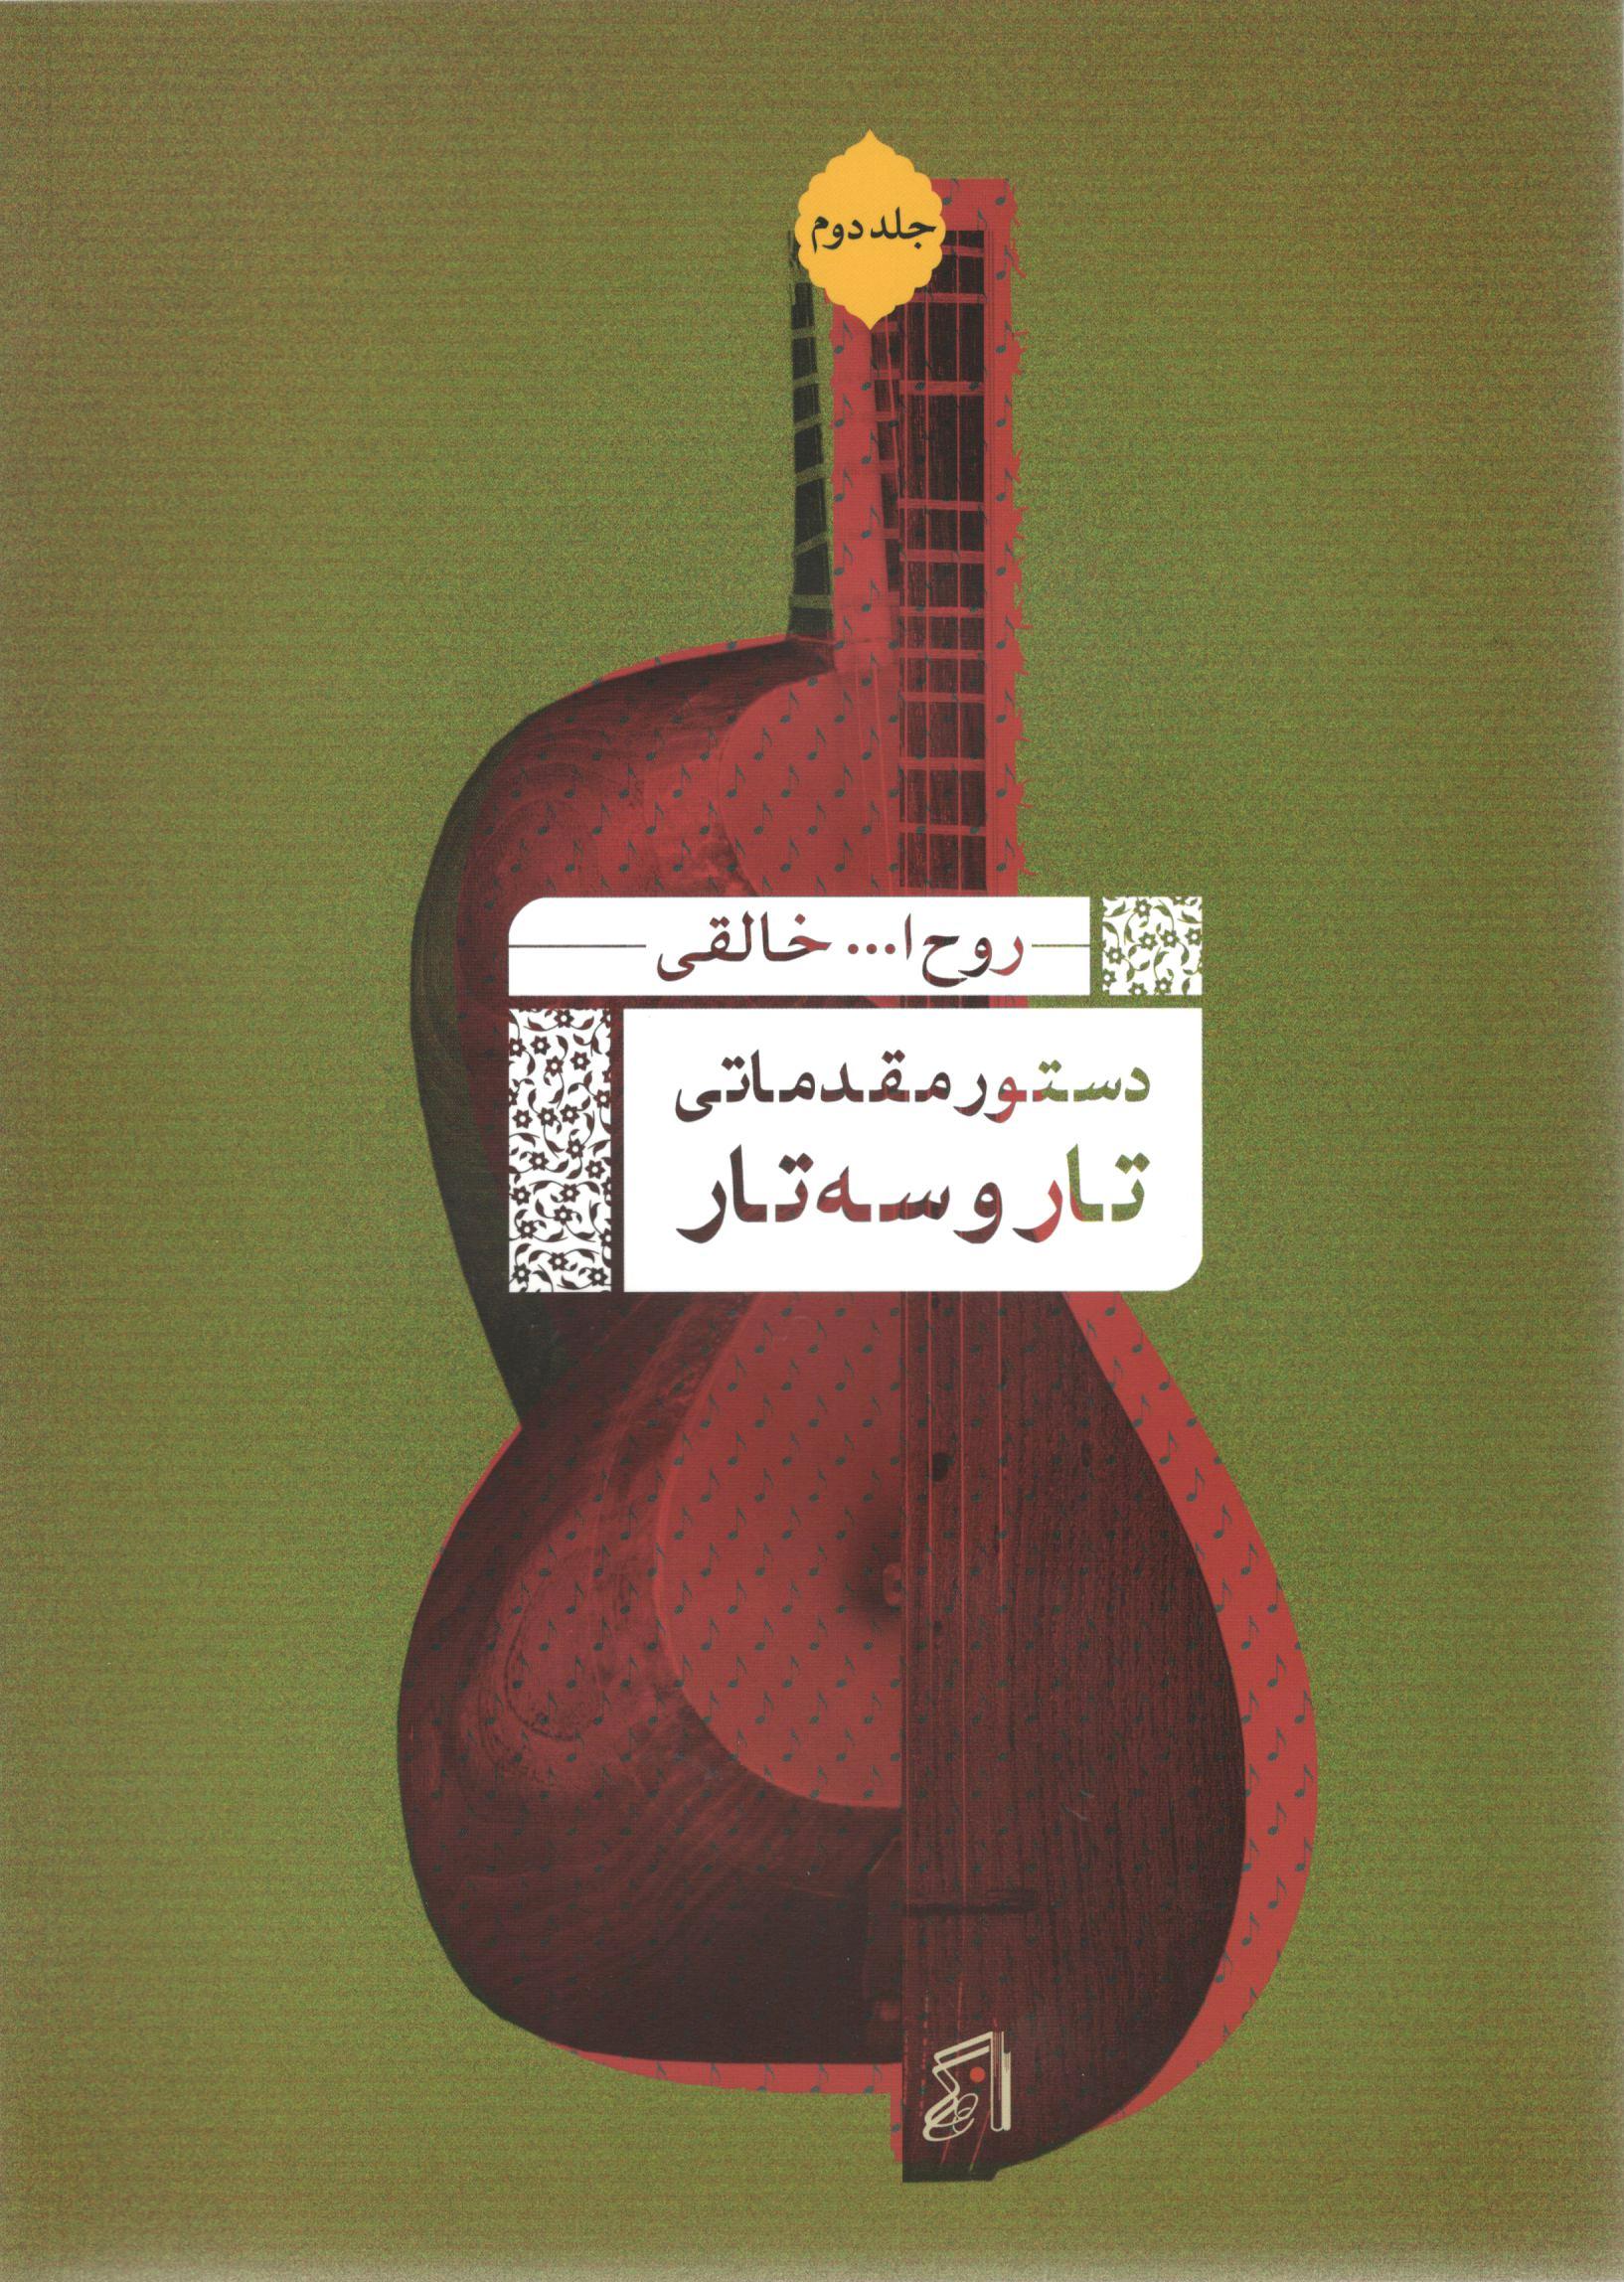 تار و سه تار خالقی 1 نشر عارف